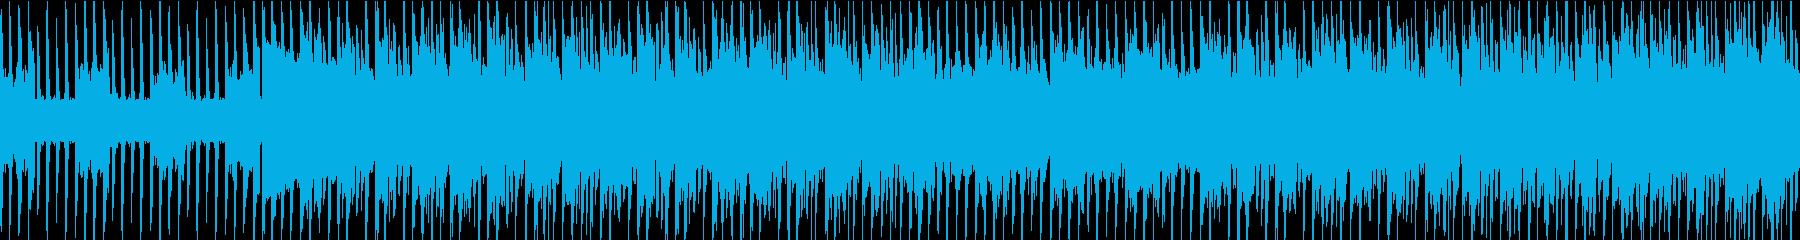 テンション高めの突き抜けるテクノの再生済みの波形